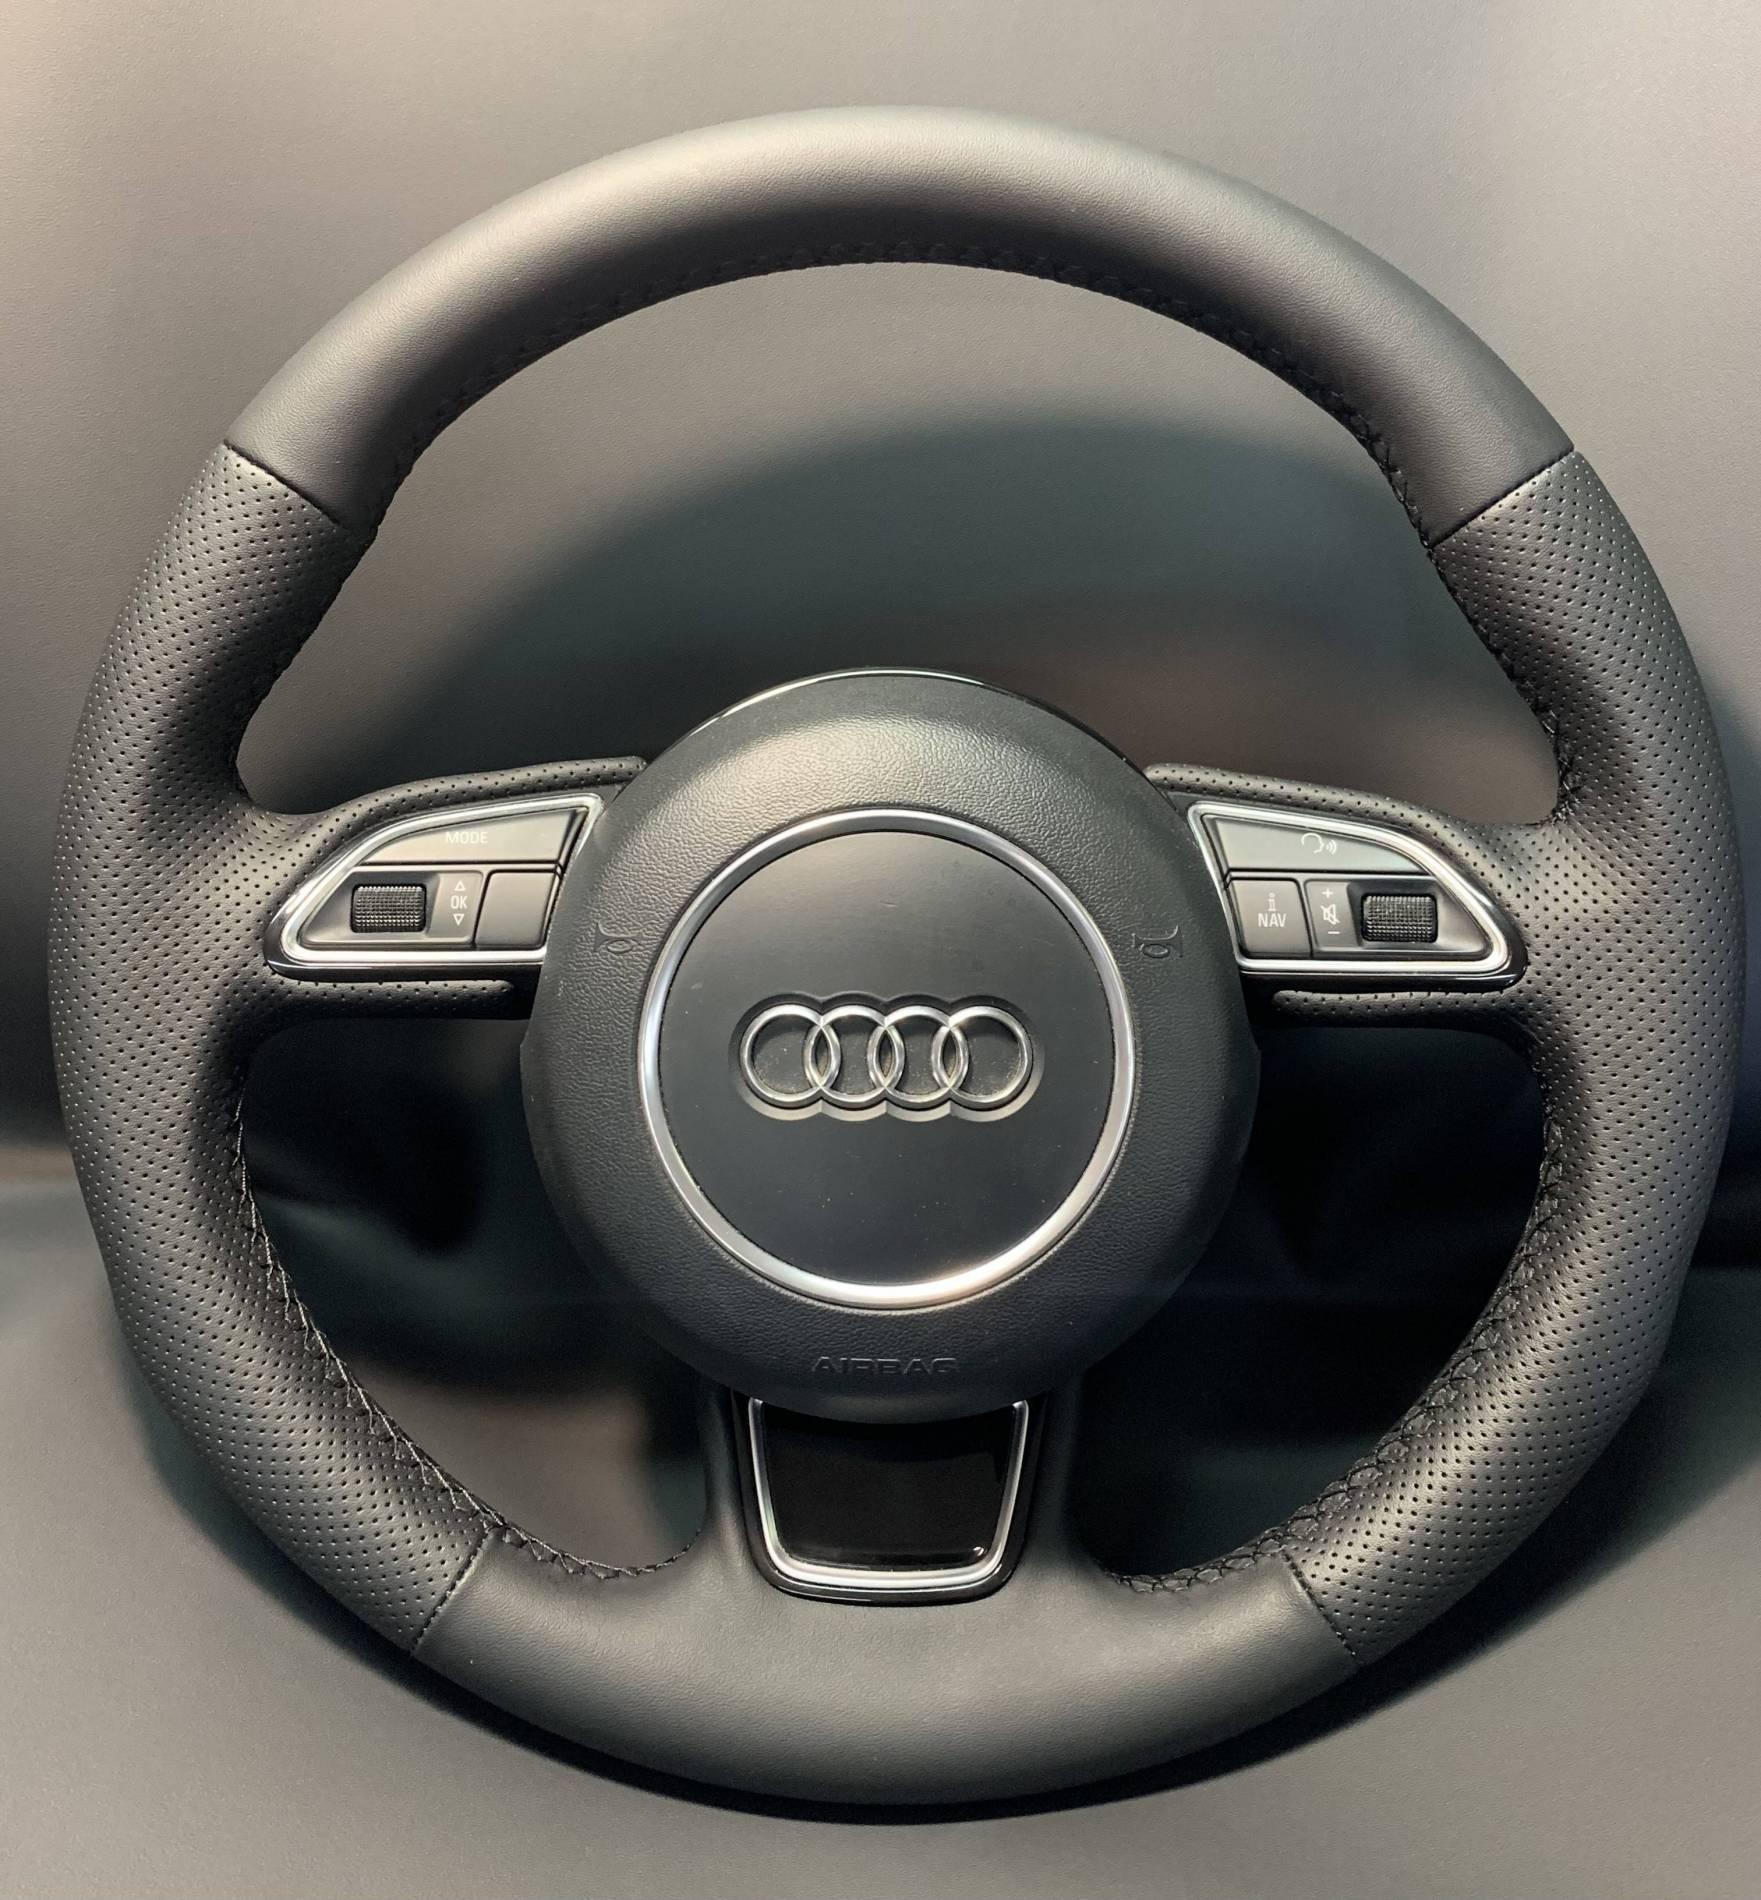 Перетяжка руля Audi A 7цена7 500